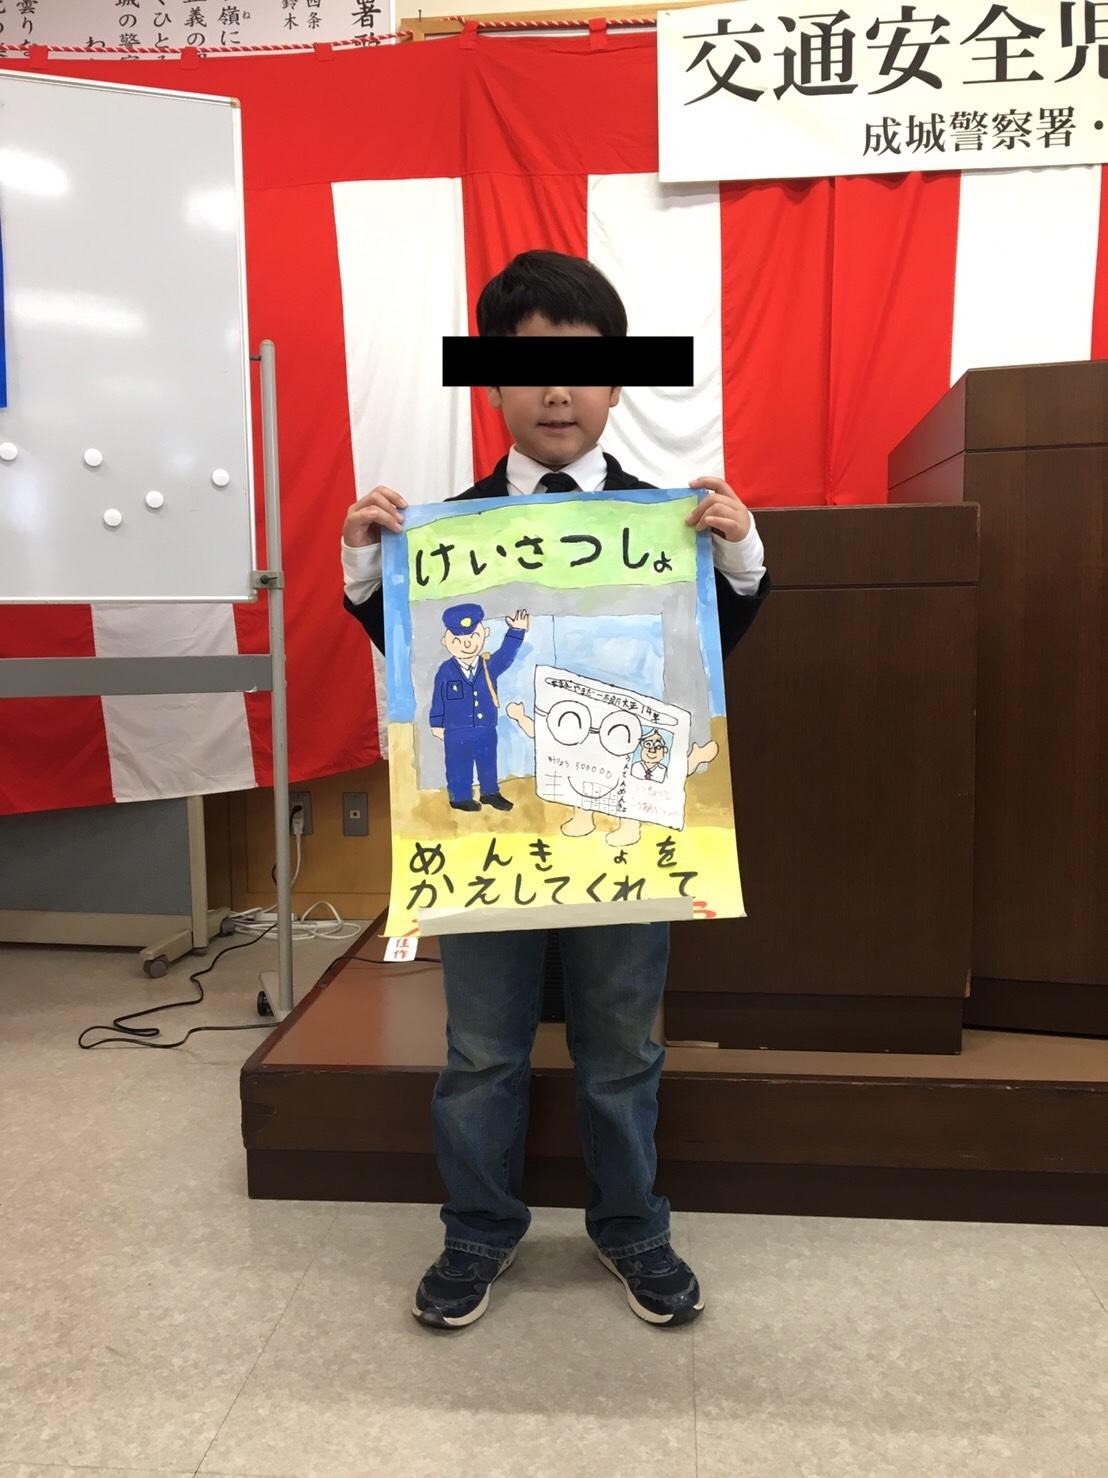 孫のポスター入選とハロウイン_e0397389_11261059.jpeg